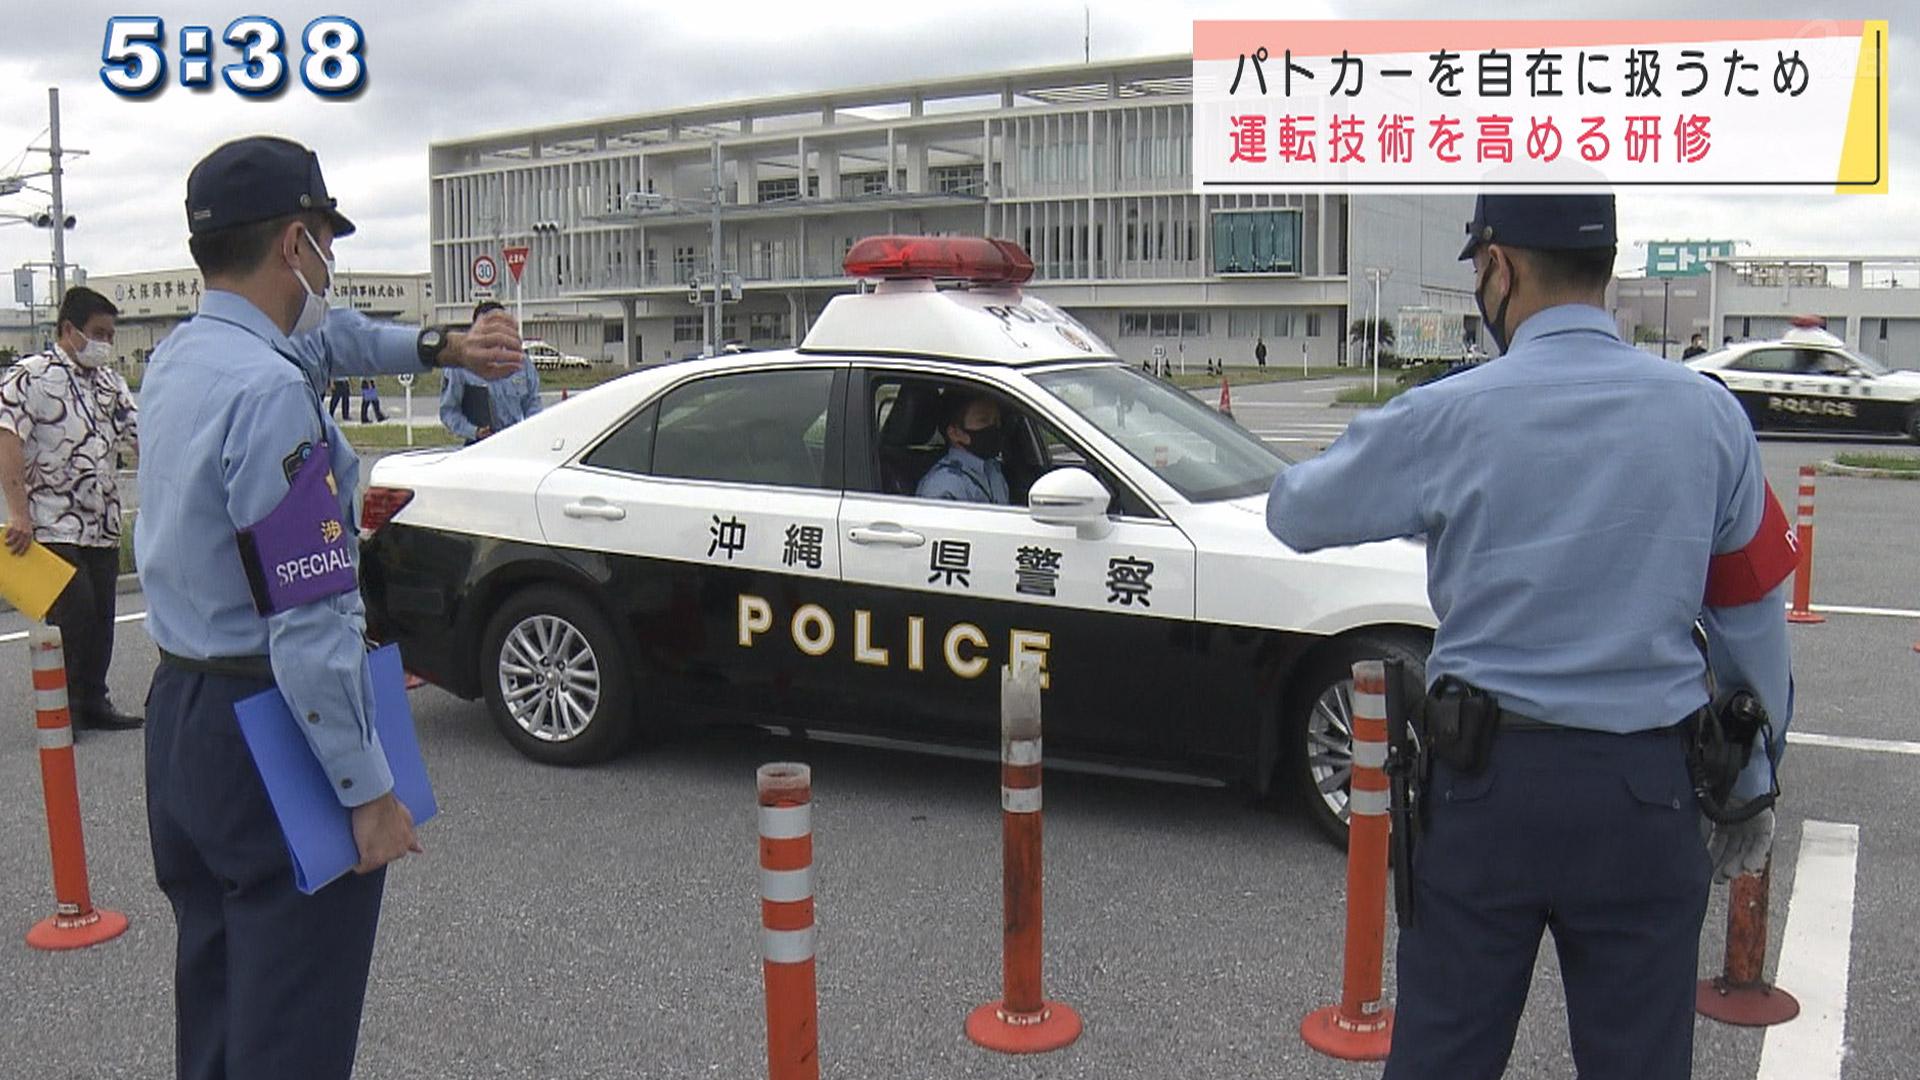 警察車両の運転技能研修